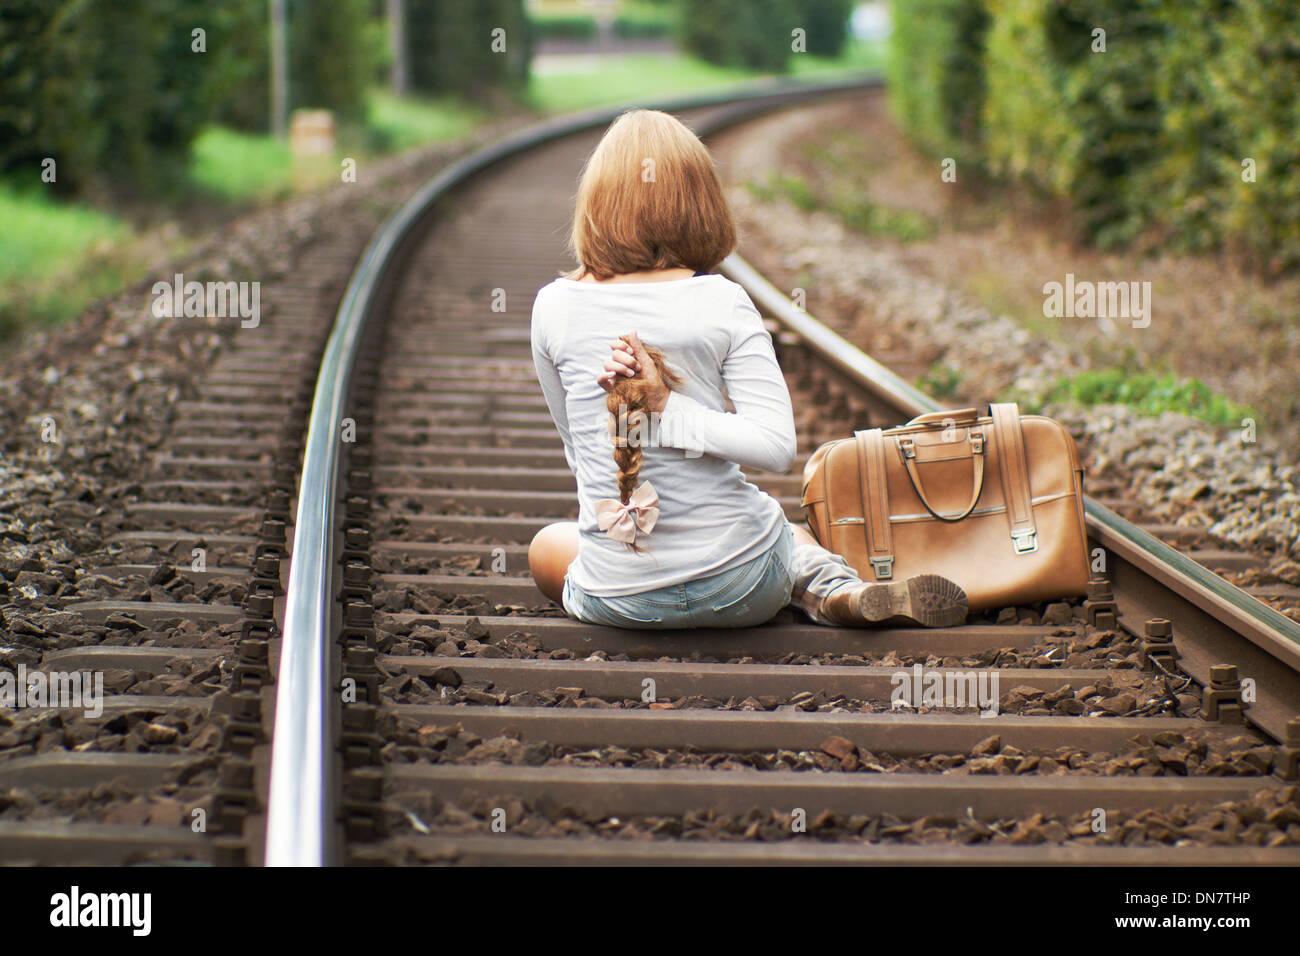 Frau sitzt auf der Bahnstrecke mit abgeschnittenen Zopf in der hand Stockbild